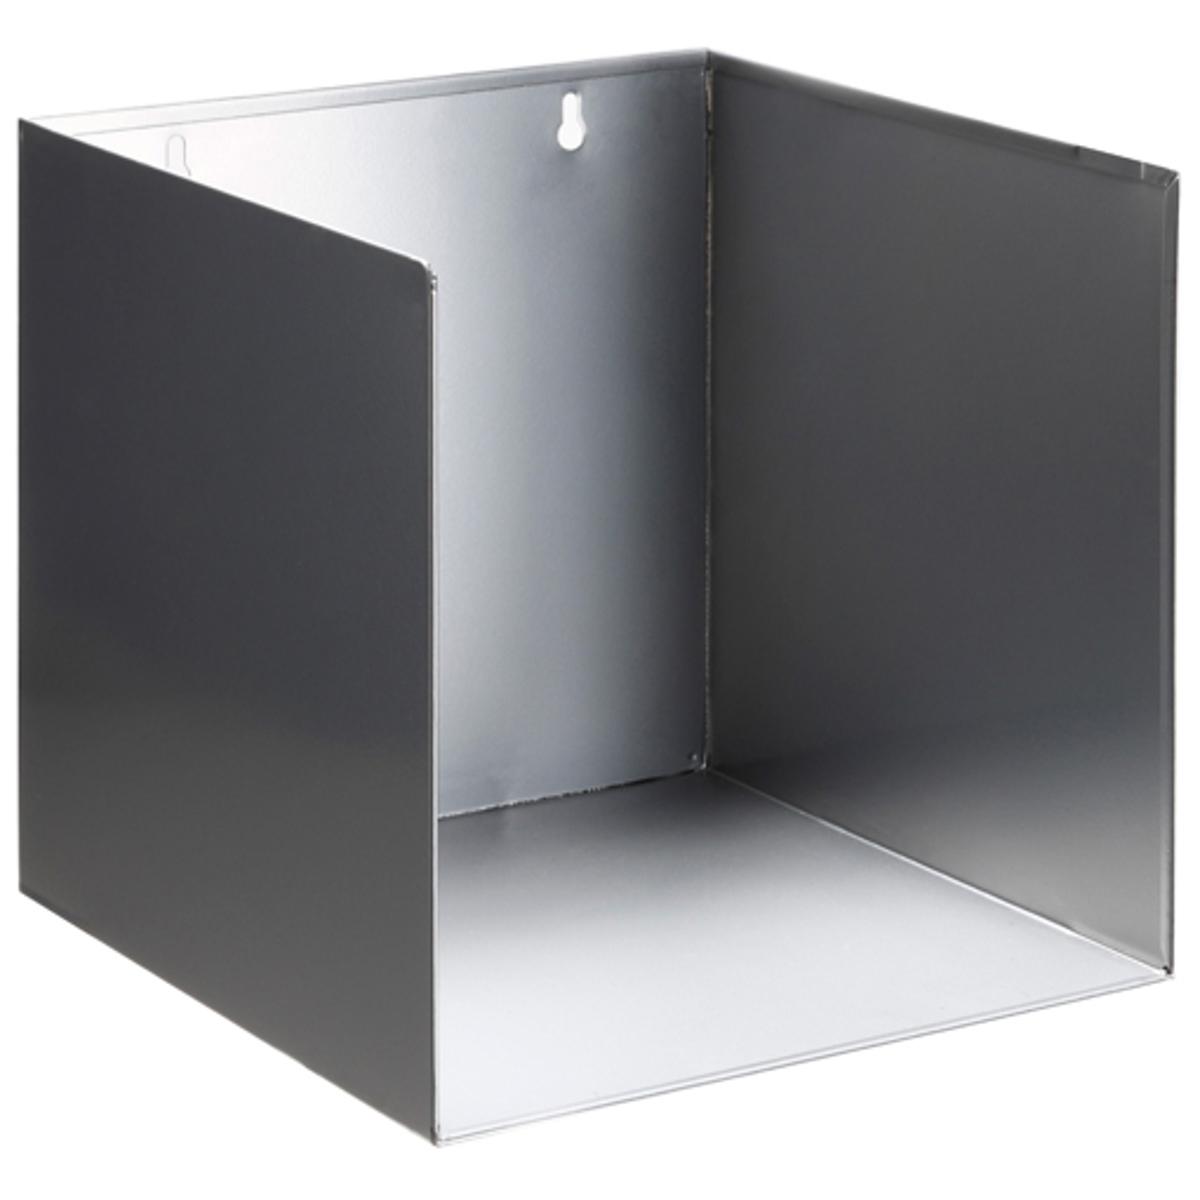 Полка настенная Torana (комплект из  2)Невероятно практичные полки подойдут для вашей домашней библиотеки . Для спальни, прихожей, гостиной...повсюду! .Гальванизированный металл, необработанный или с эпоксидным покрытием . Размеры. : 25 x 25 x 25 см .выдерживает вес до  5 кг.                                                                Добро пожаловать в мир стиля AM.PM.<br><br>Цвет: серый